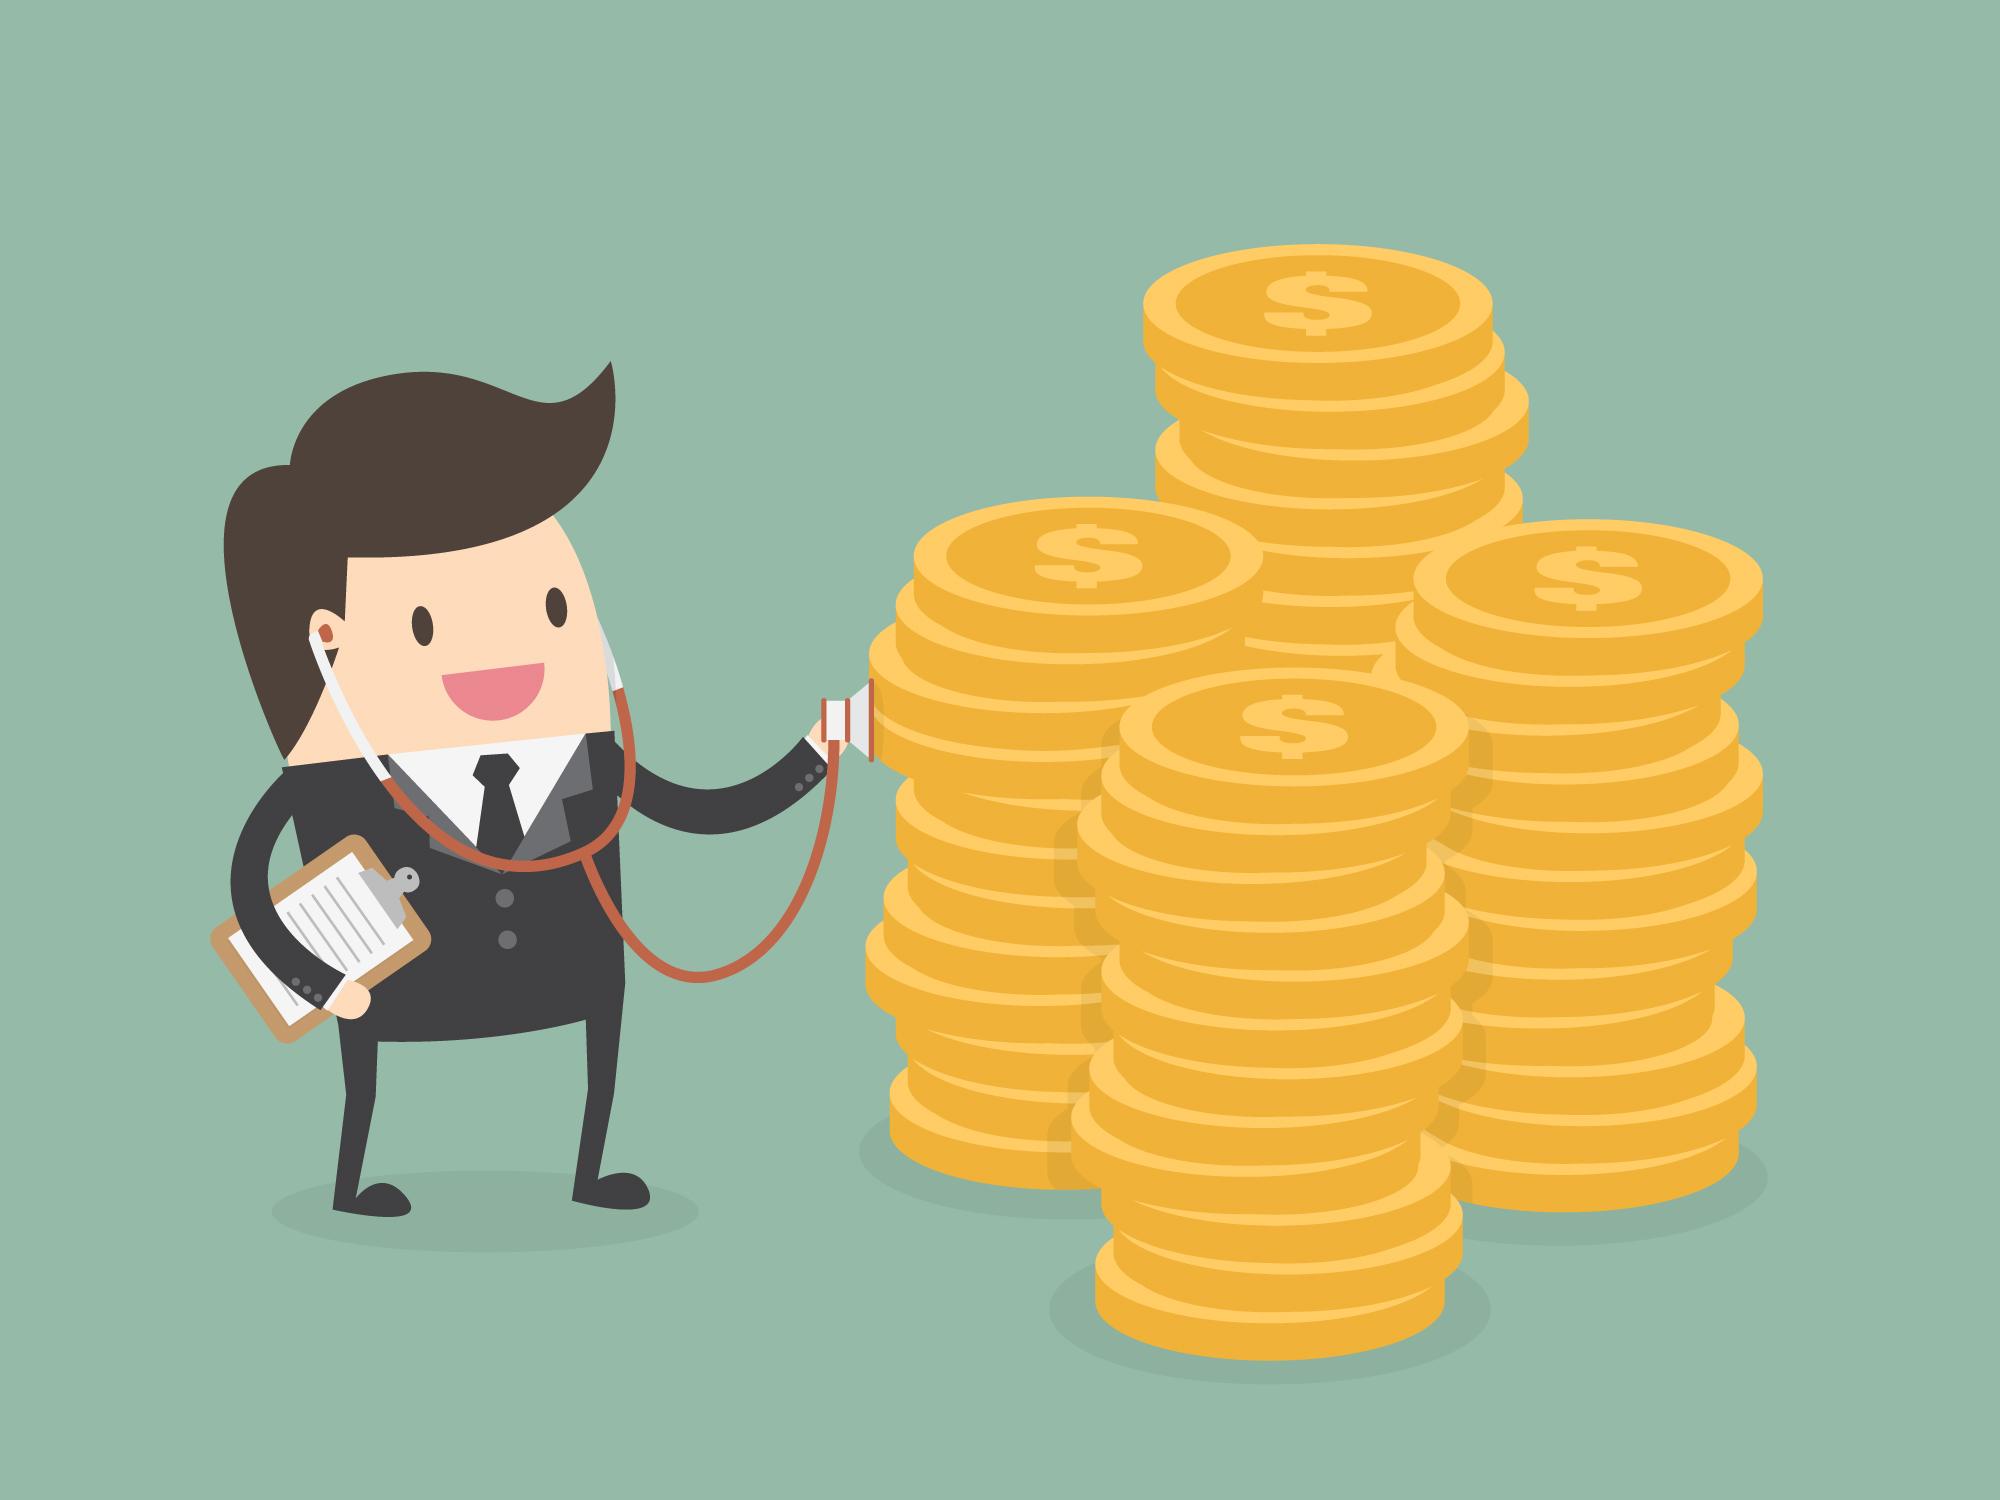 La capacidad del fundador, el mayor riesgo para el crecimiento de una startup